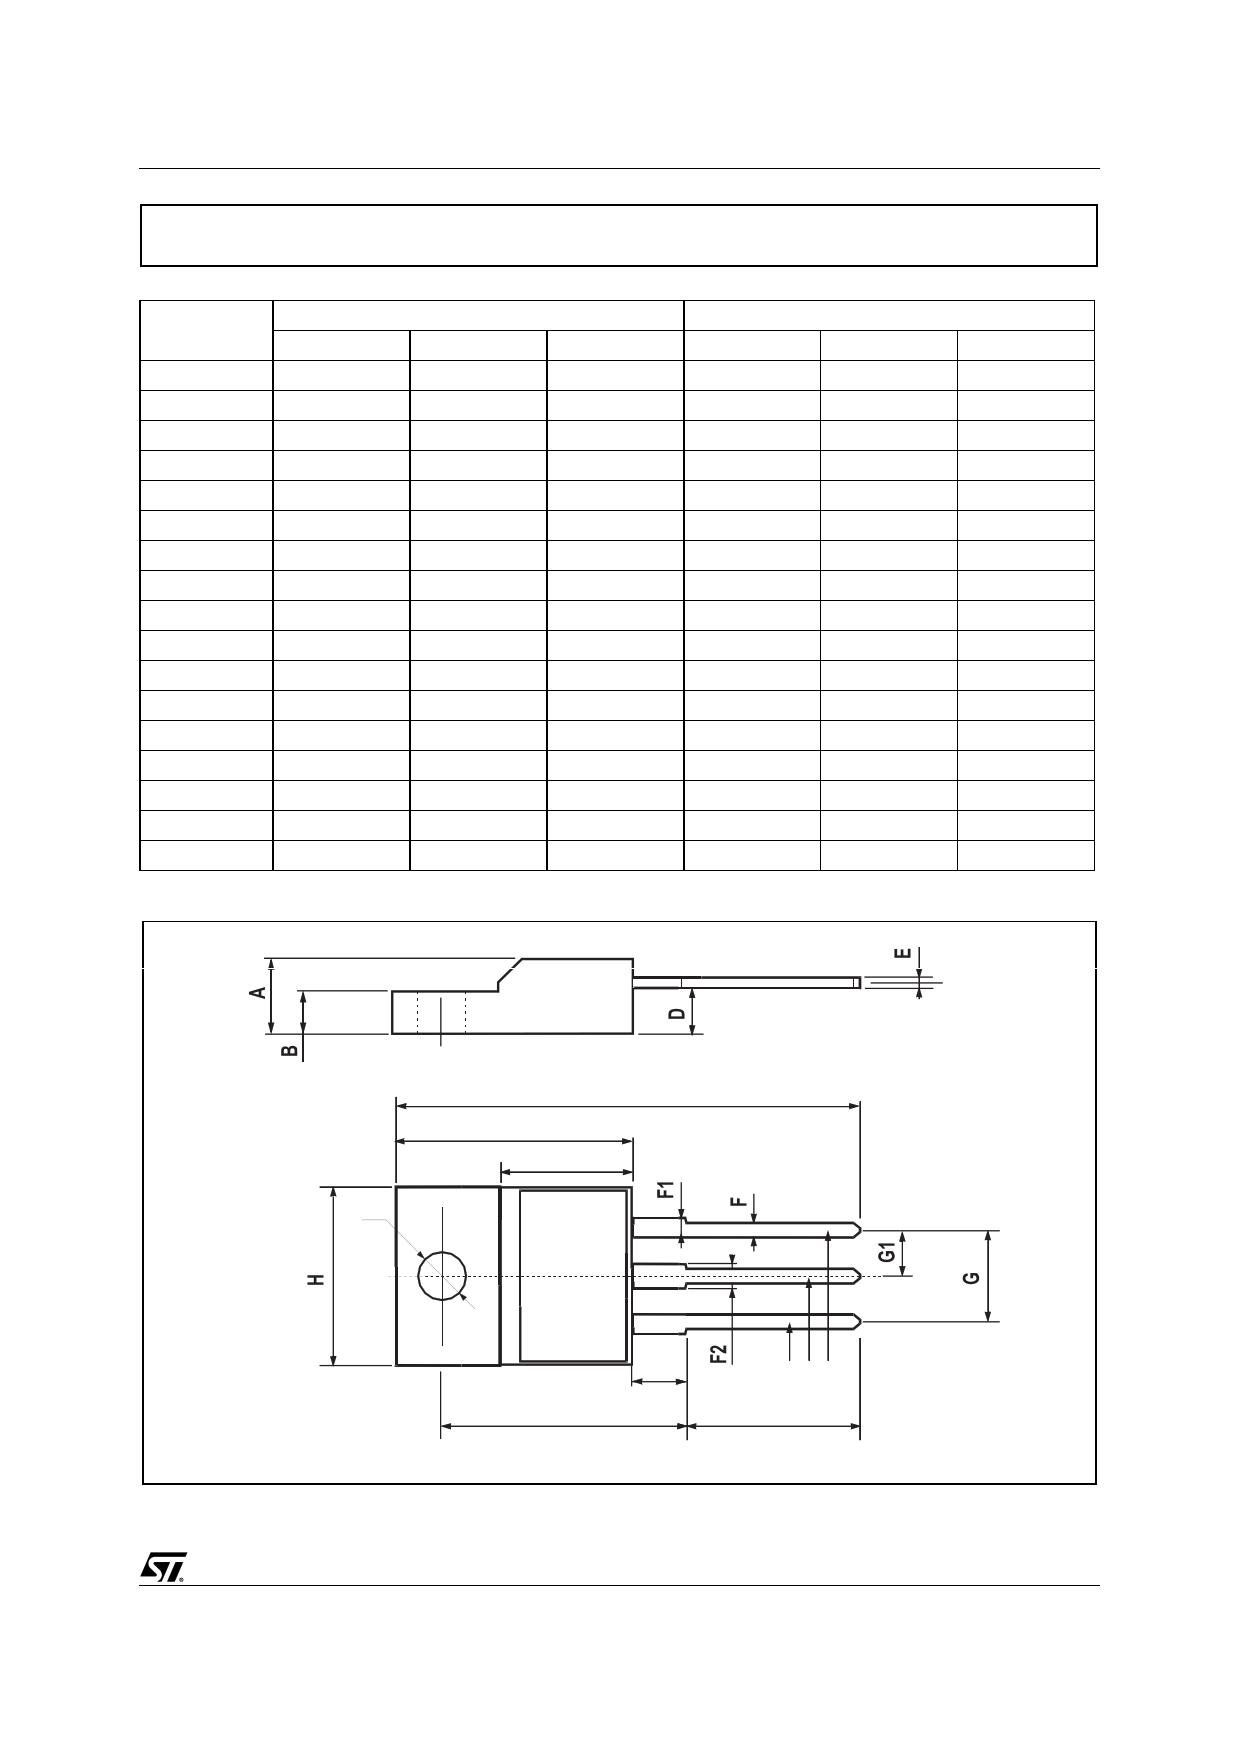 P3NK80Z diode, scr